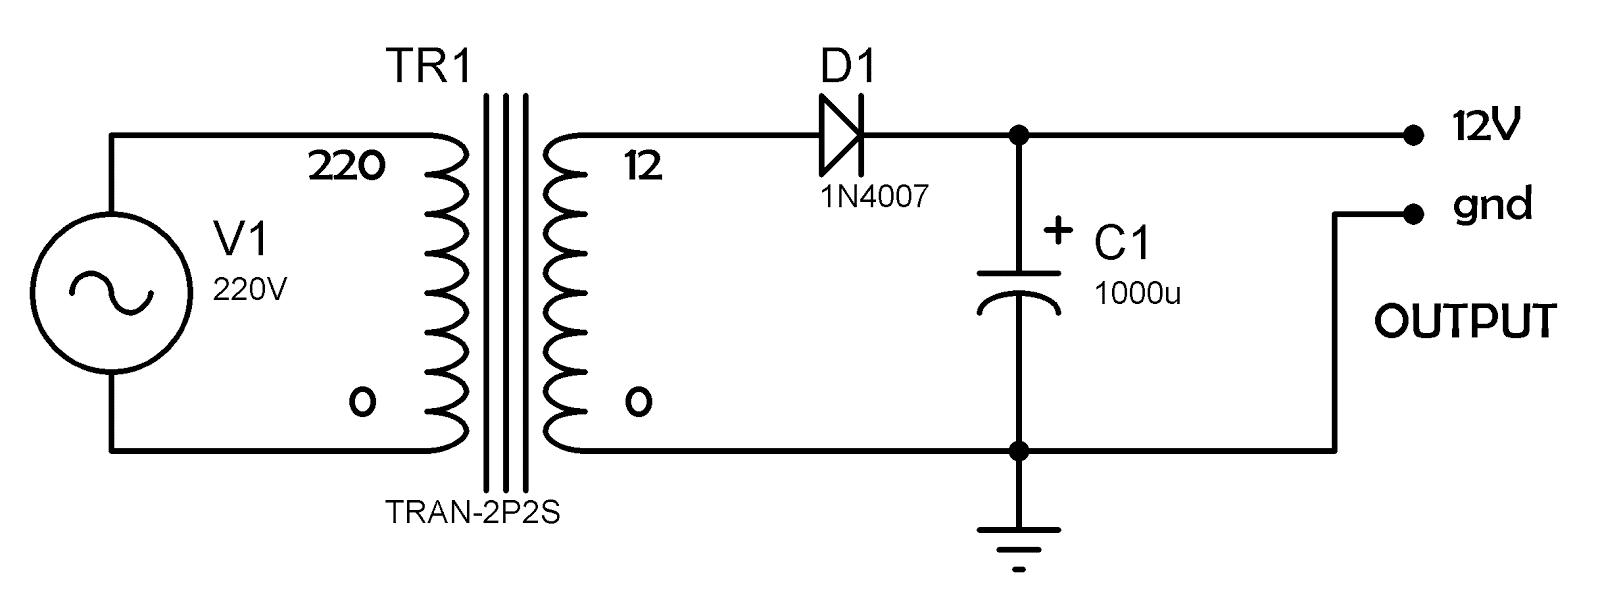 merakit rangkaian elektronika  02 power supply unit psu